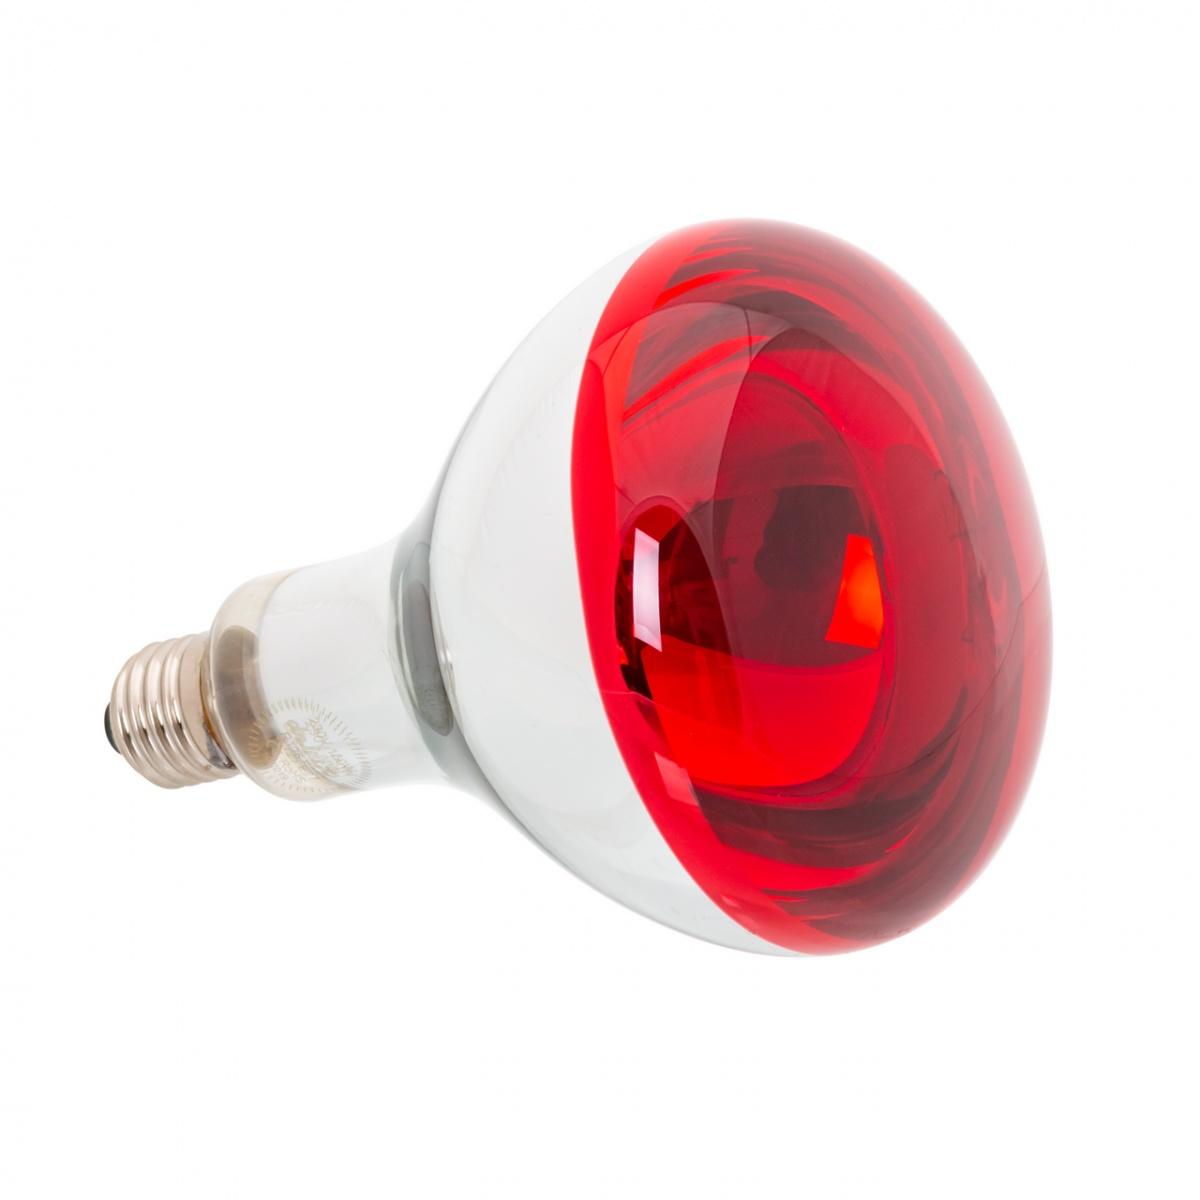 Bec de încălzire cu infraroșu, 150W, deLux